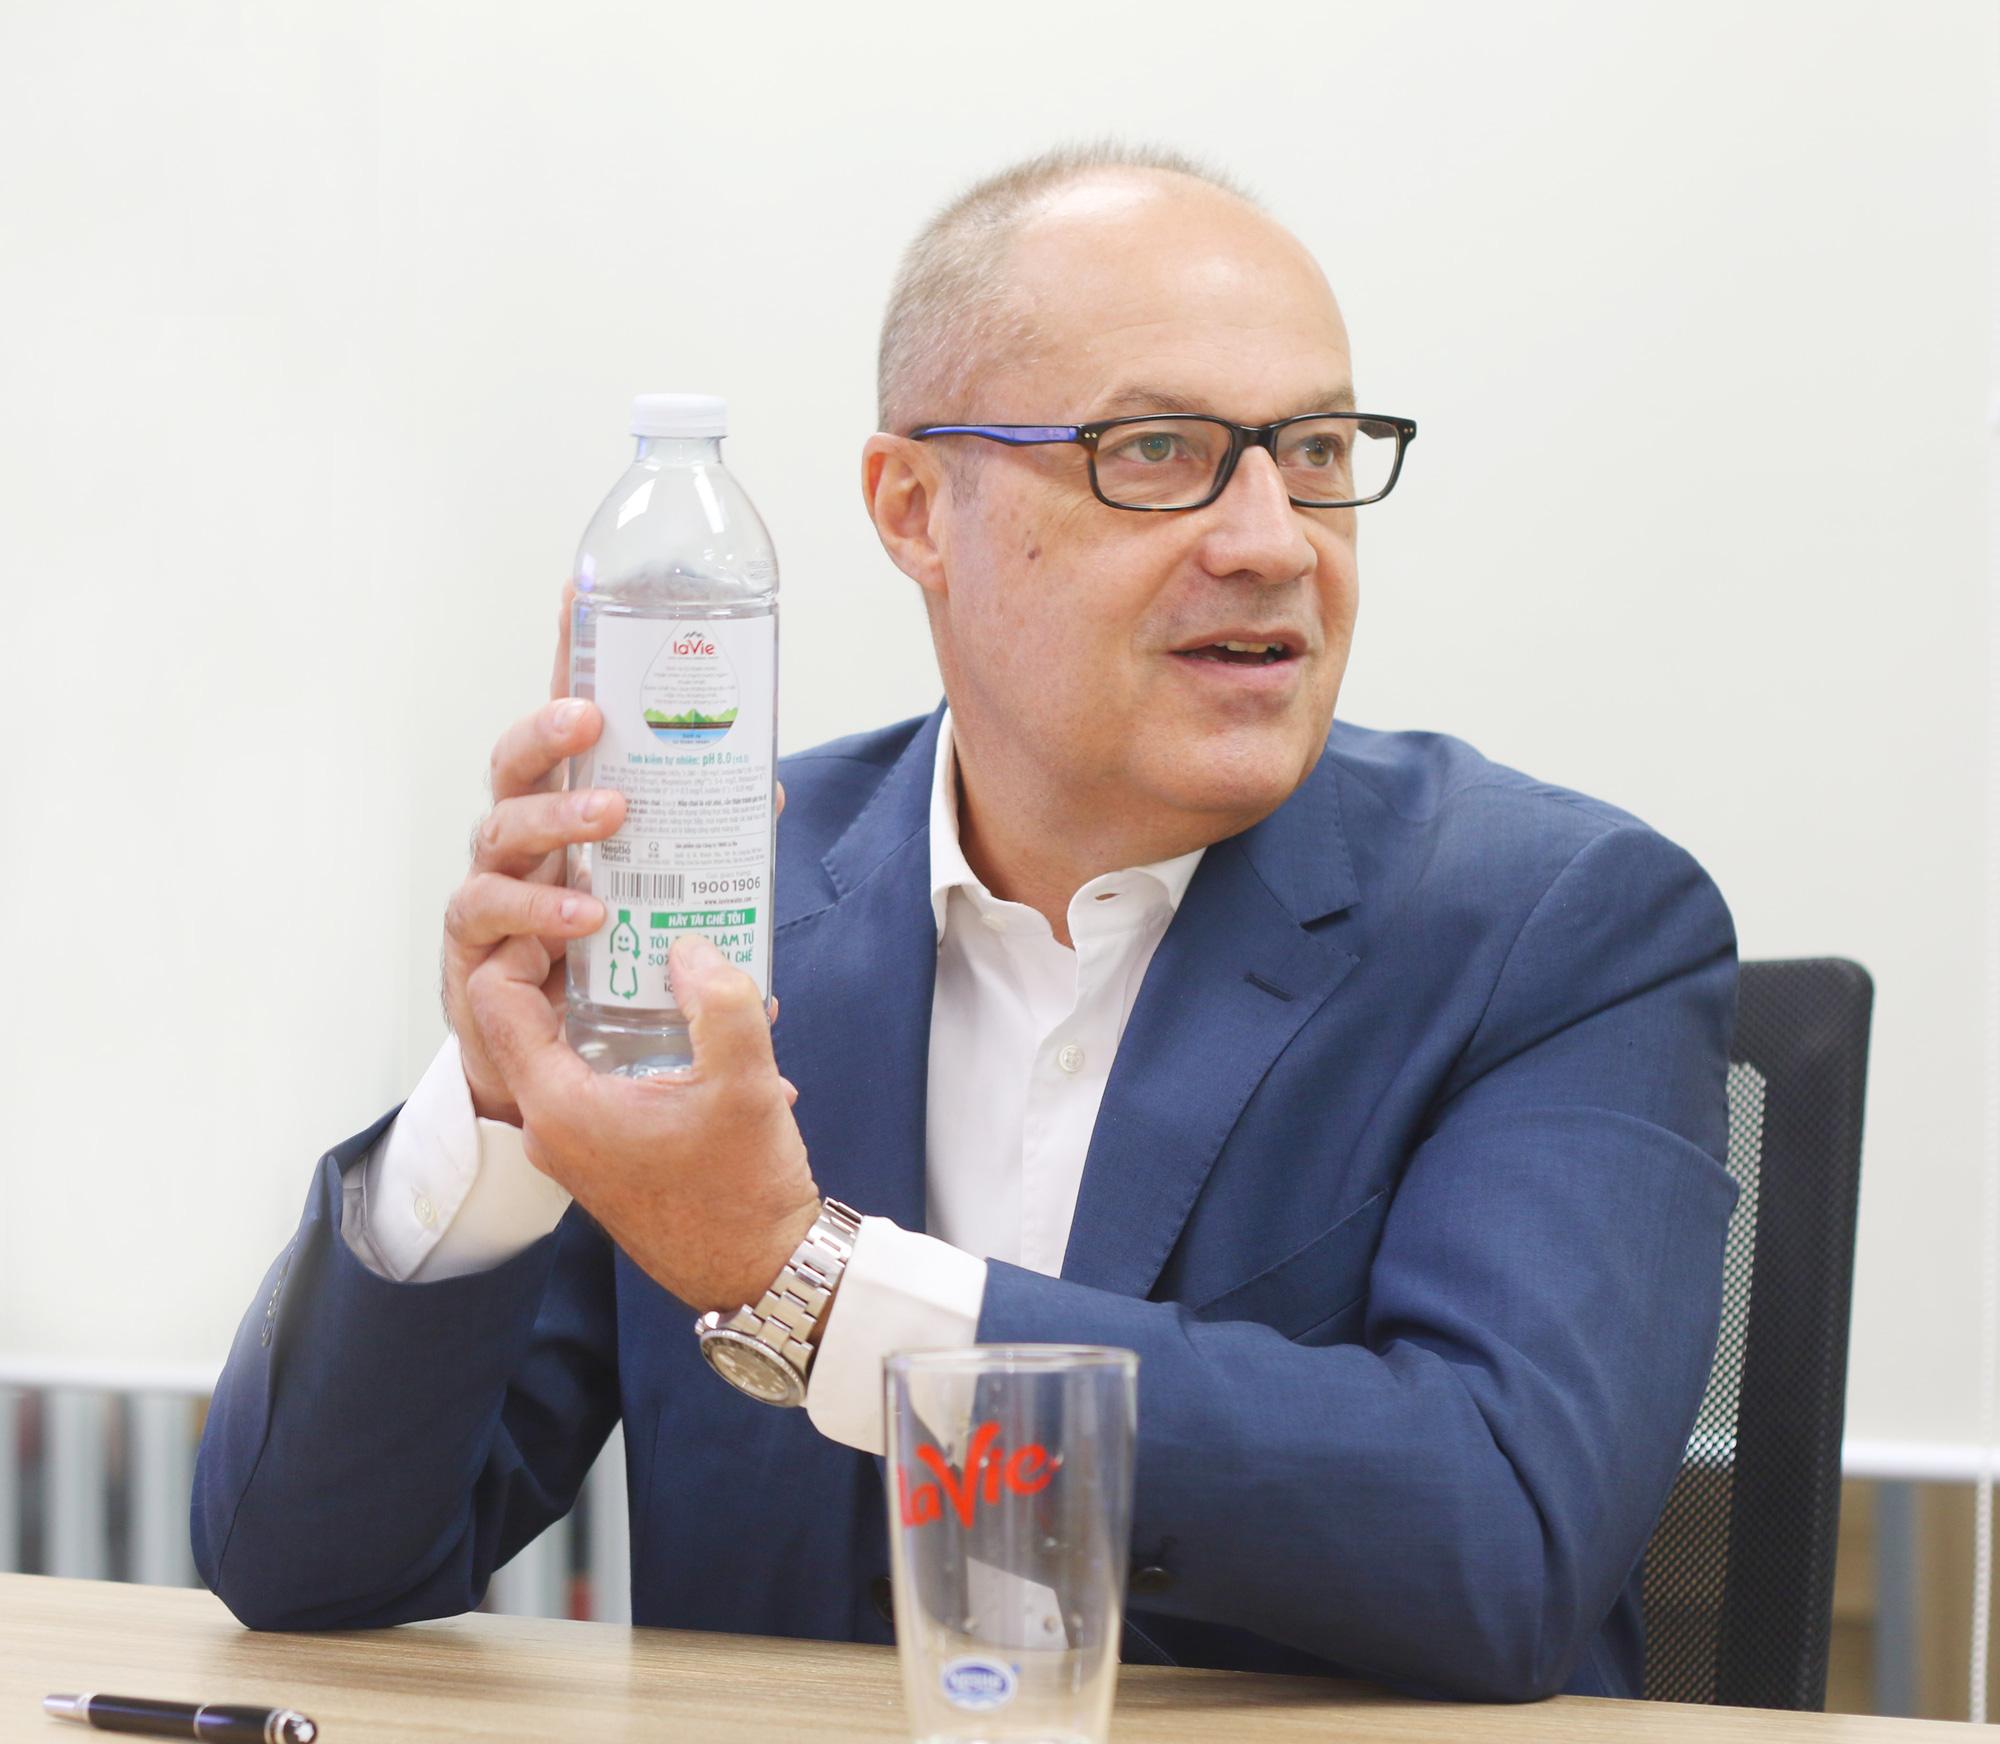 Tổng Giám đốc La Vie: Công ty hàng đầu không phải quy mô lớn hay nhỏ, mà phải can đảm đi đầu, mở đường thúc đẩy nền kinh tế tuần hoàn - Ảnh 4.